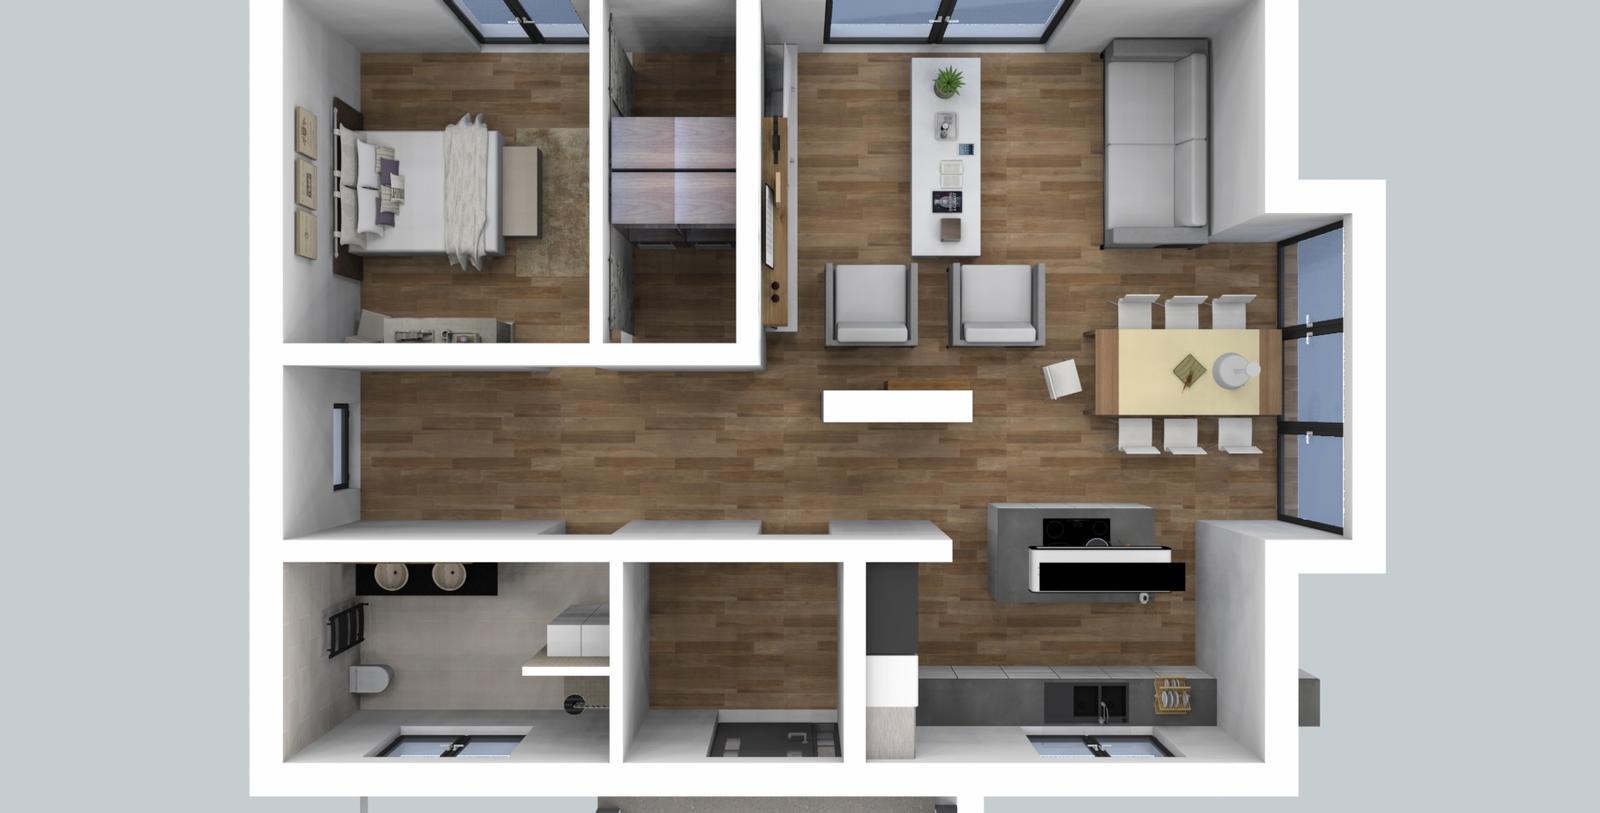 Prebiehajuce projekty - Návrh interiéru rodinného domu